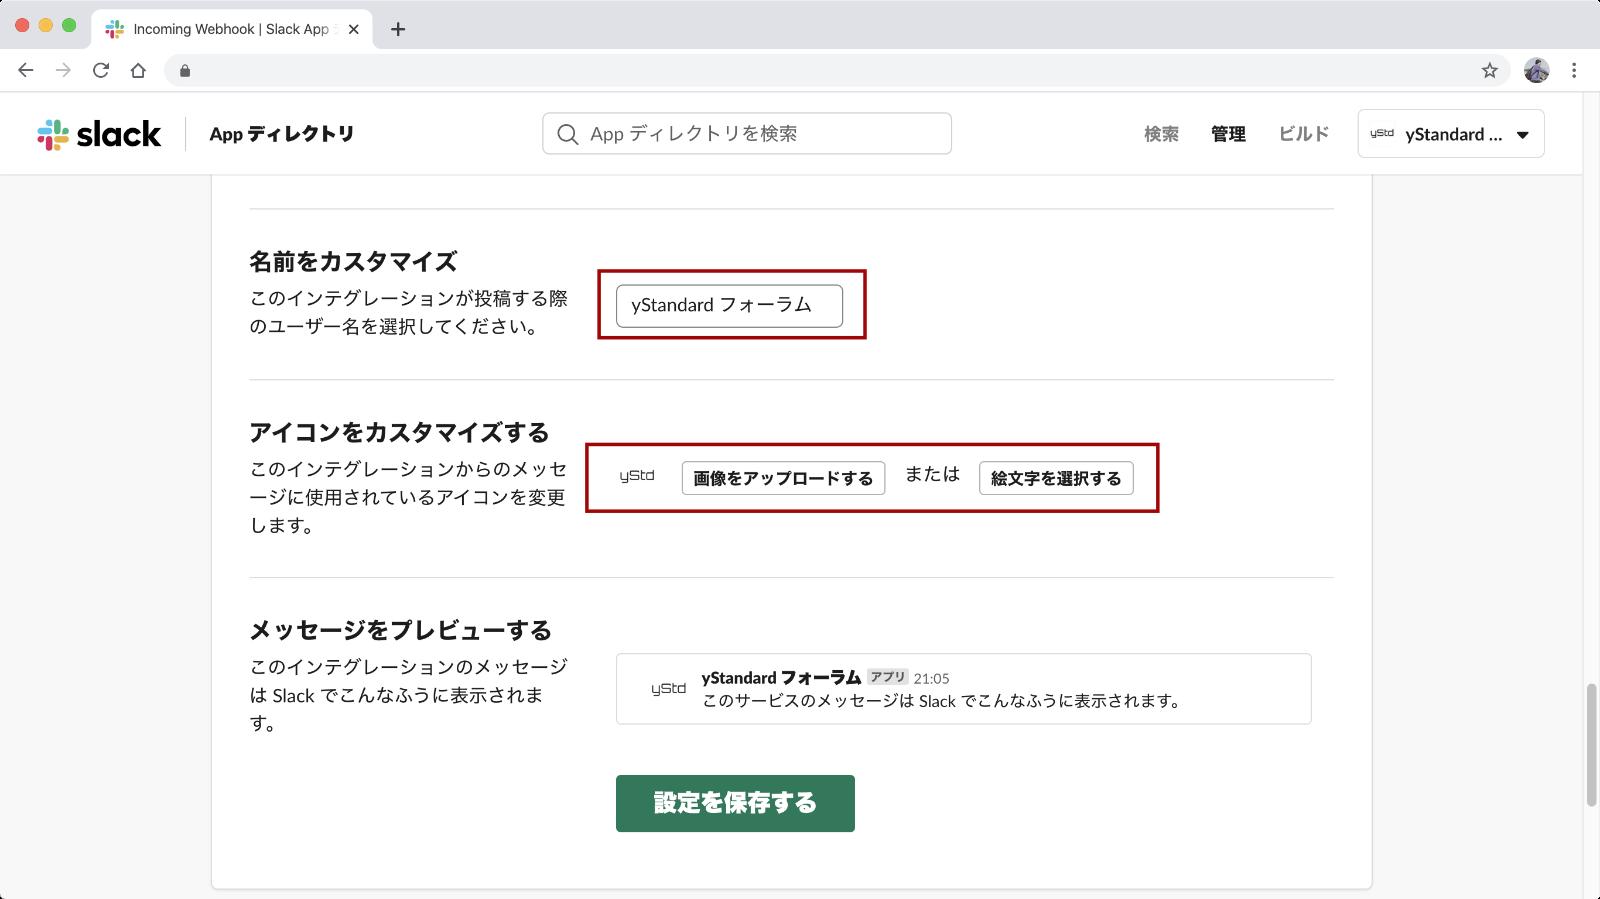 通知を投稿するユーザー名とアイコンの設定をする